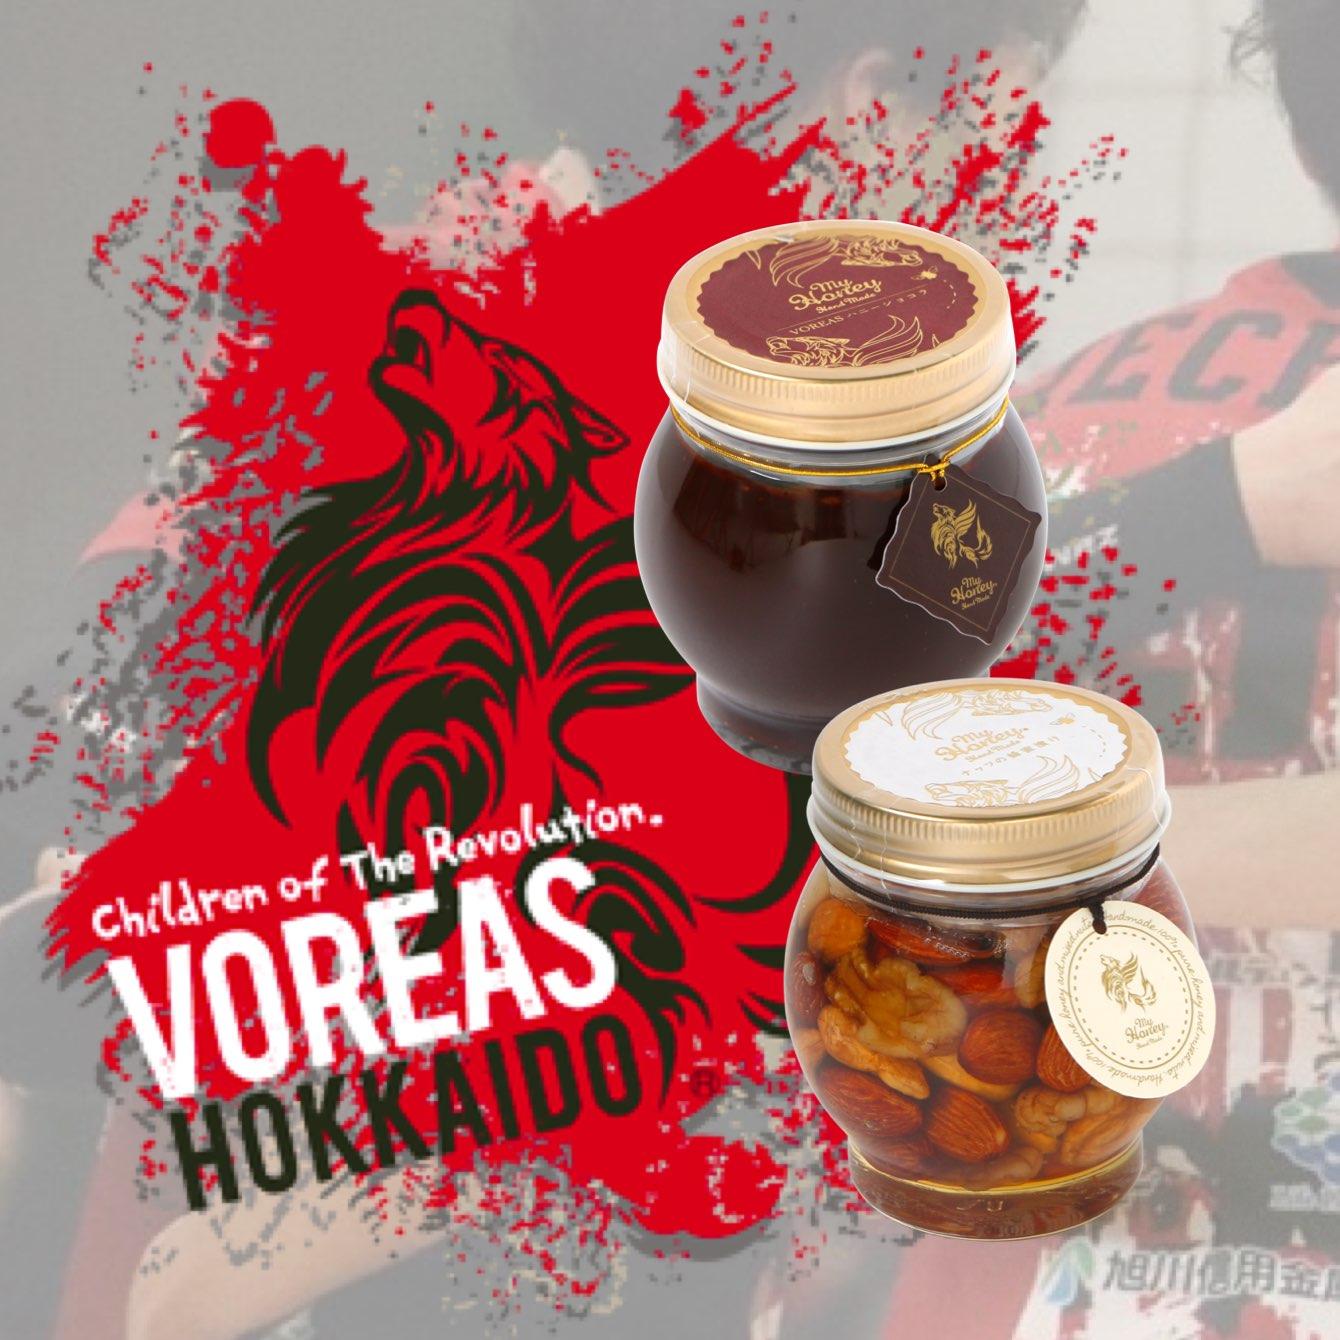 ヴォレアス北海道の応援と健康的な食生活を応援する「ヴォレアス北海道応援パッケージ」に、「ナッツの蜂蜜漬け」と「ハニーショコラ」が登場